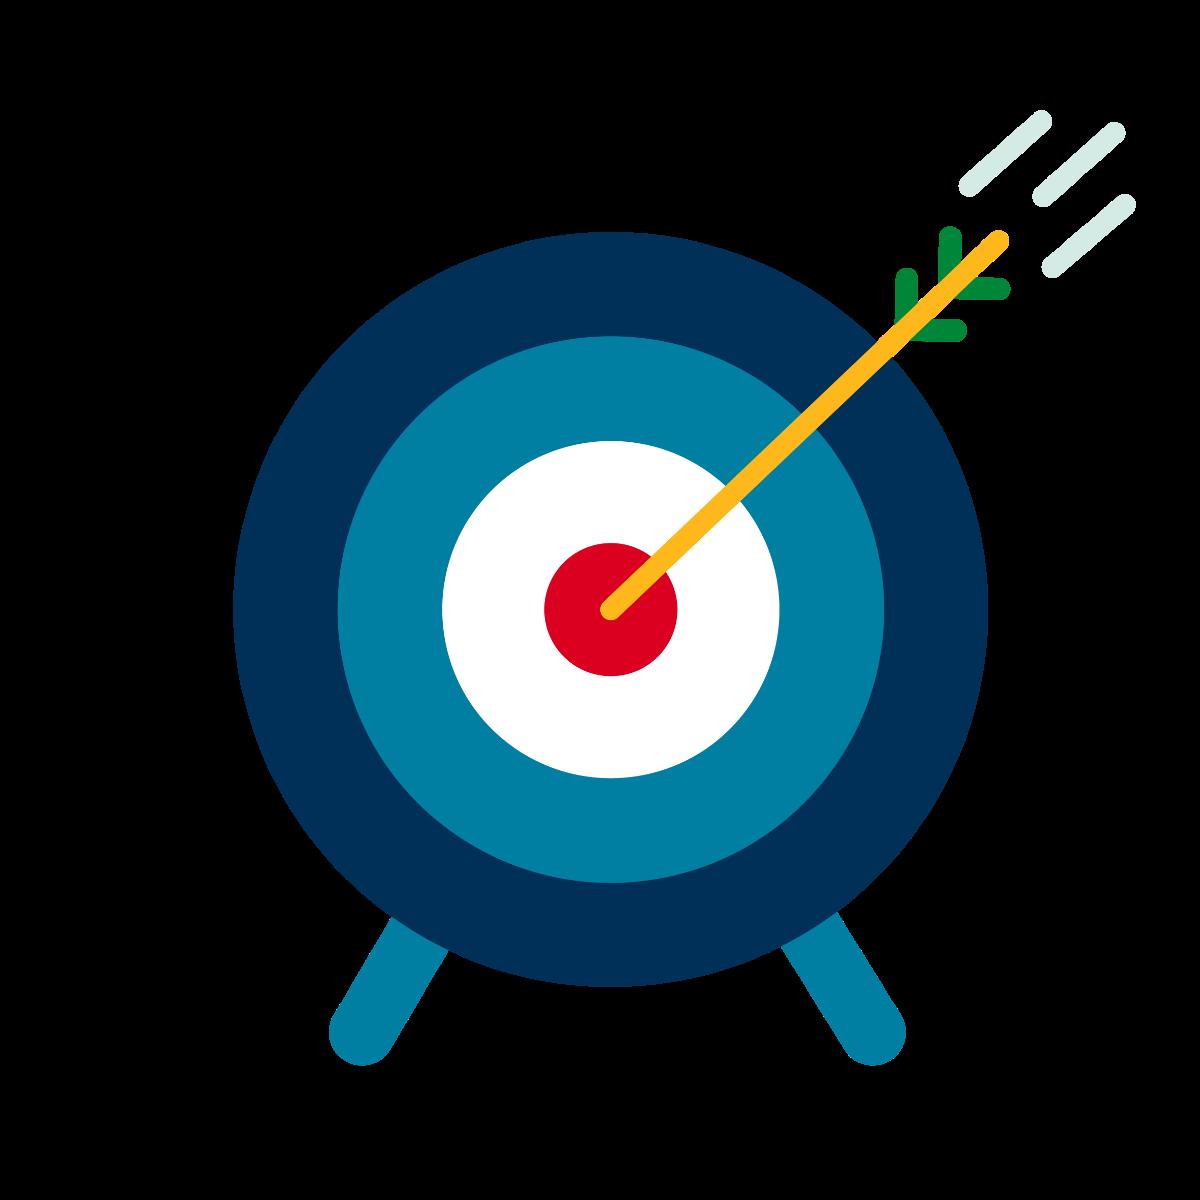 Target_1_RGB